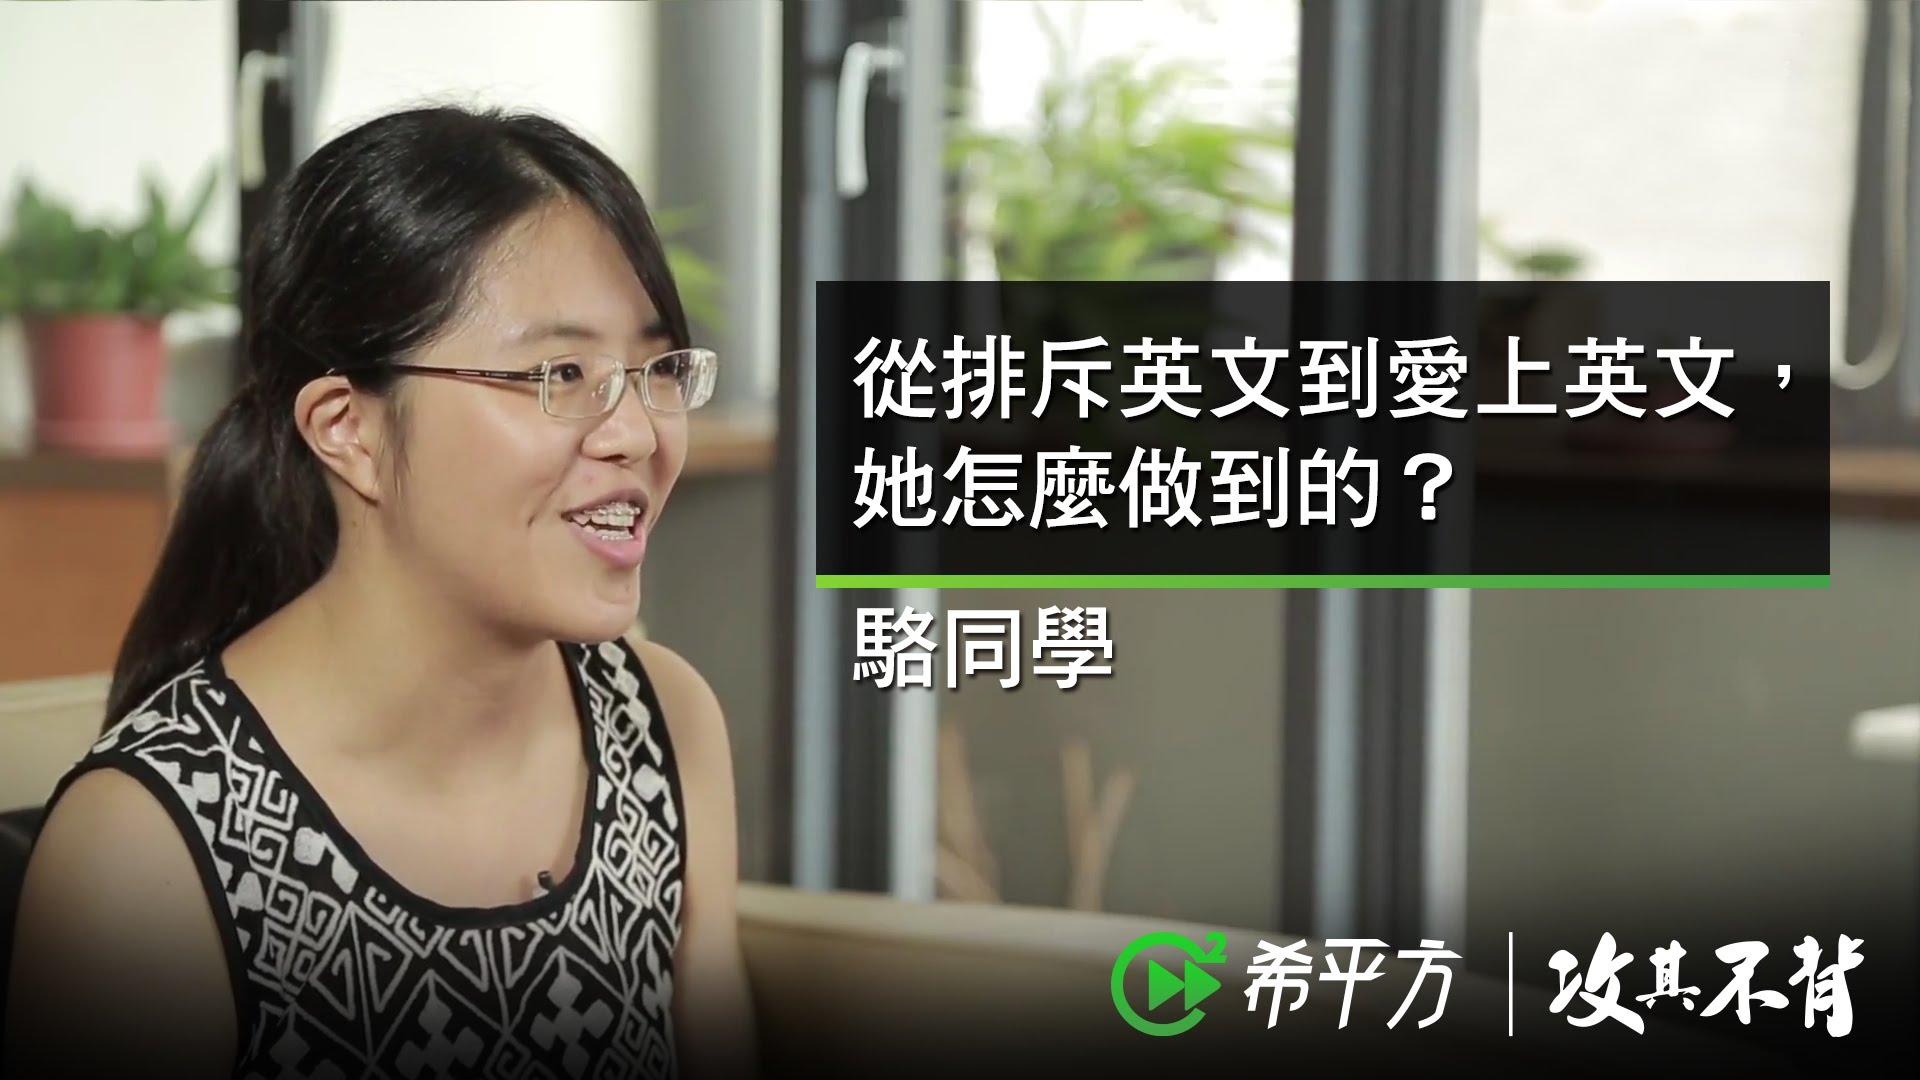 攻其不背學習心得:從排斥英文到愛上英文,她是怎麼做到的?